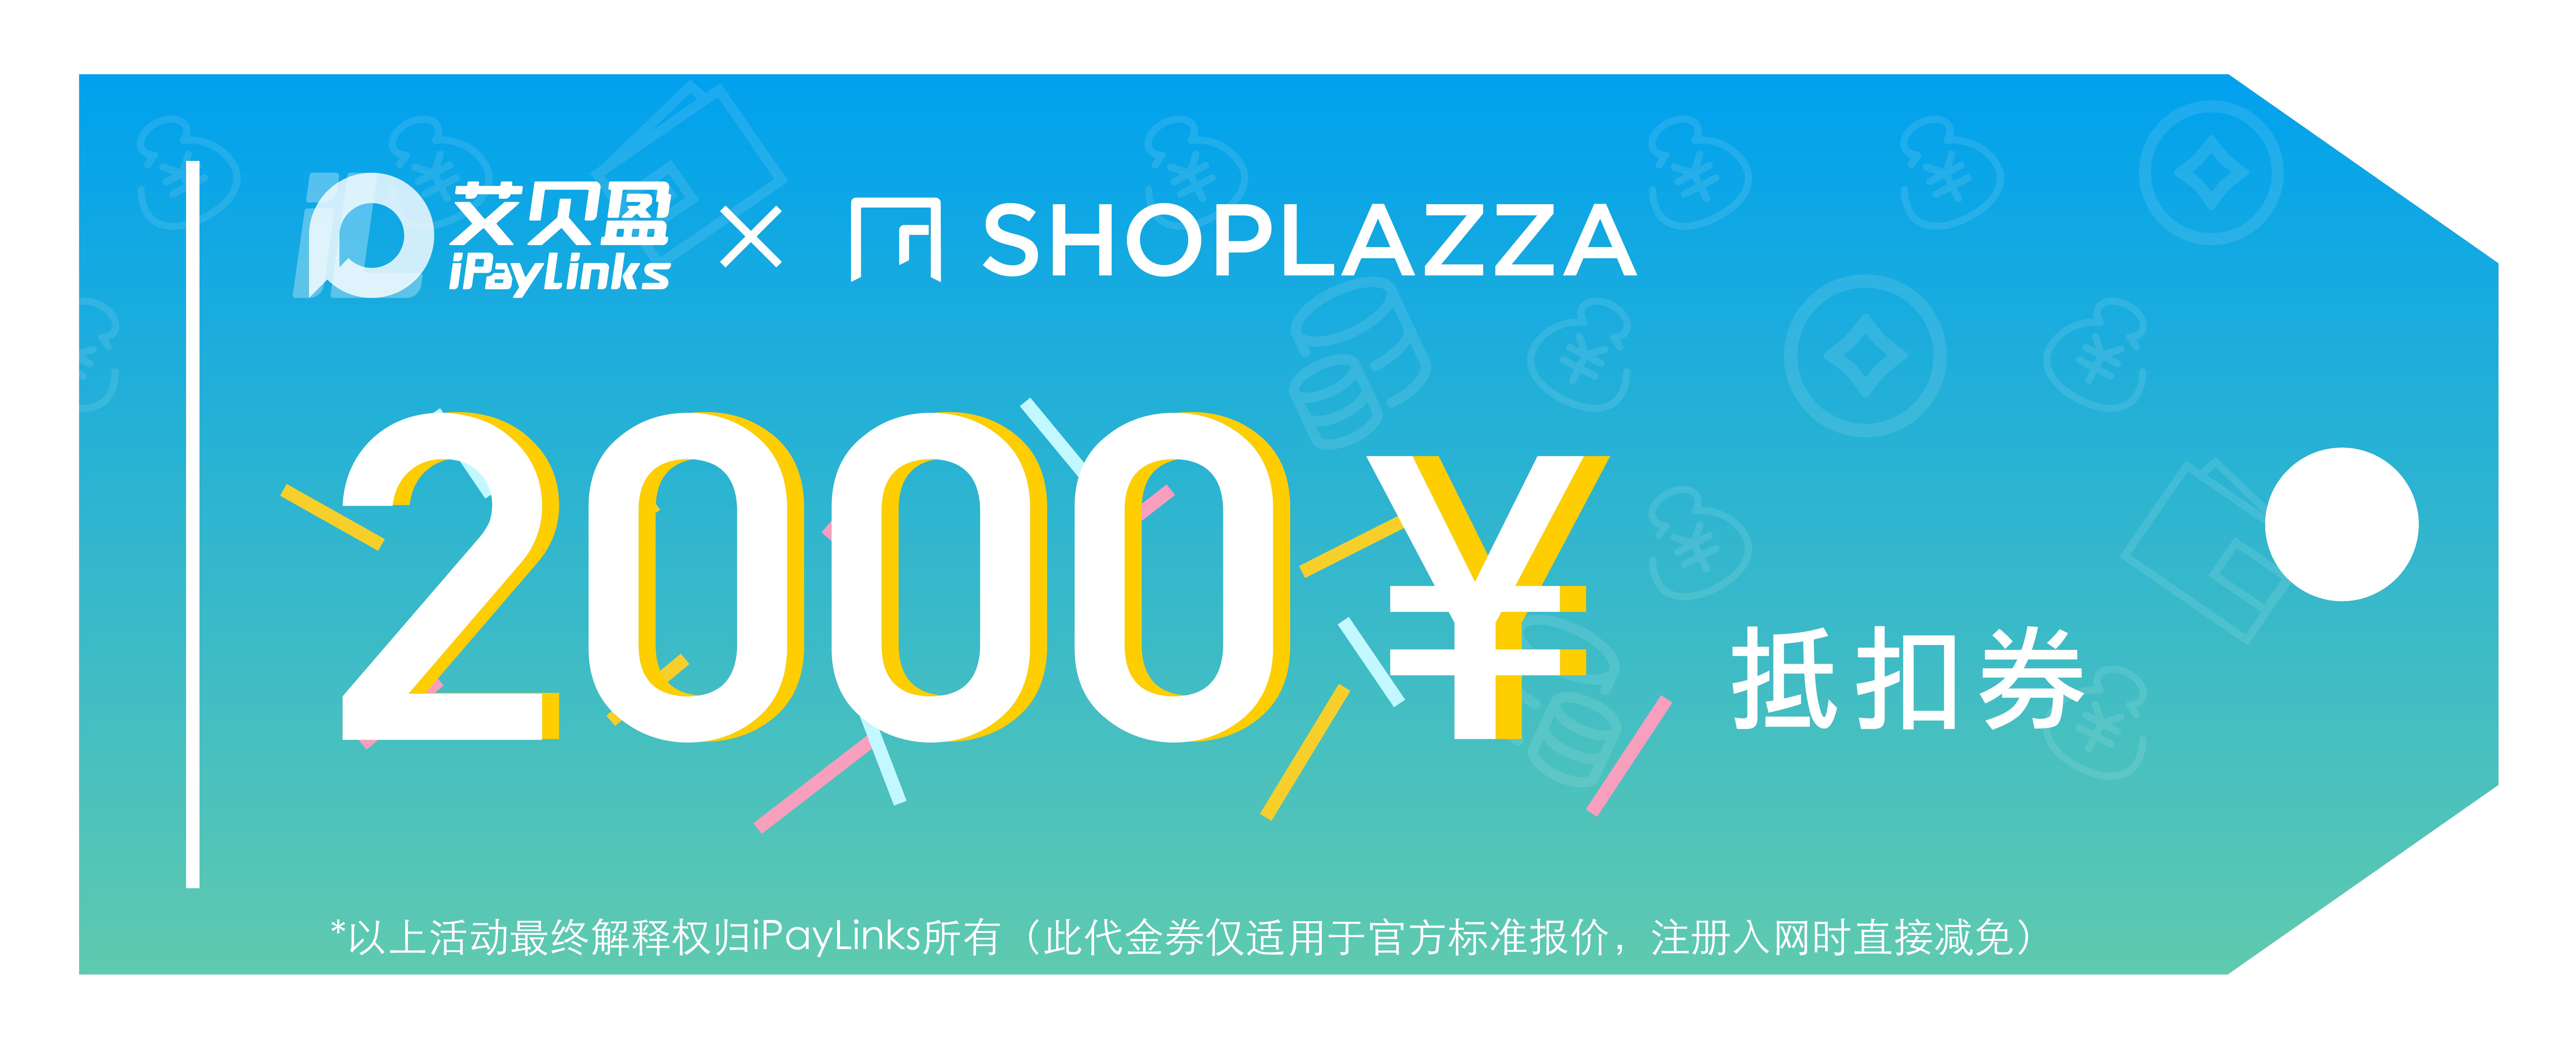 iPayLinks携手 店匠SHOPLAZZA,打出DTC品牌出海组合拳